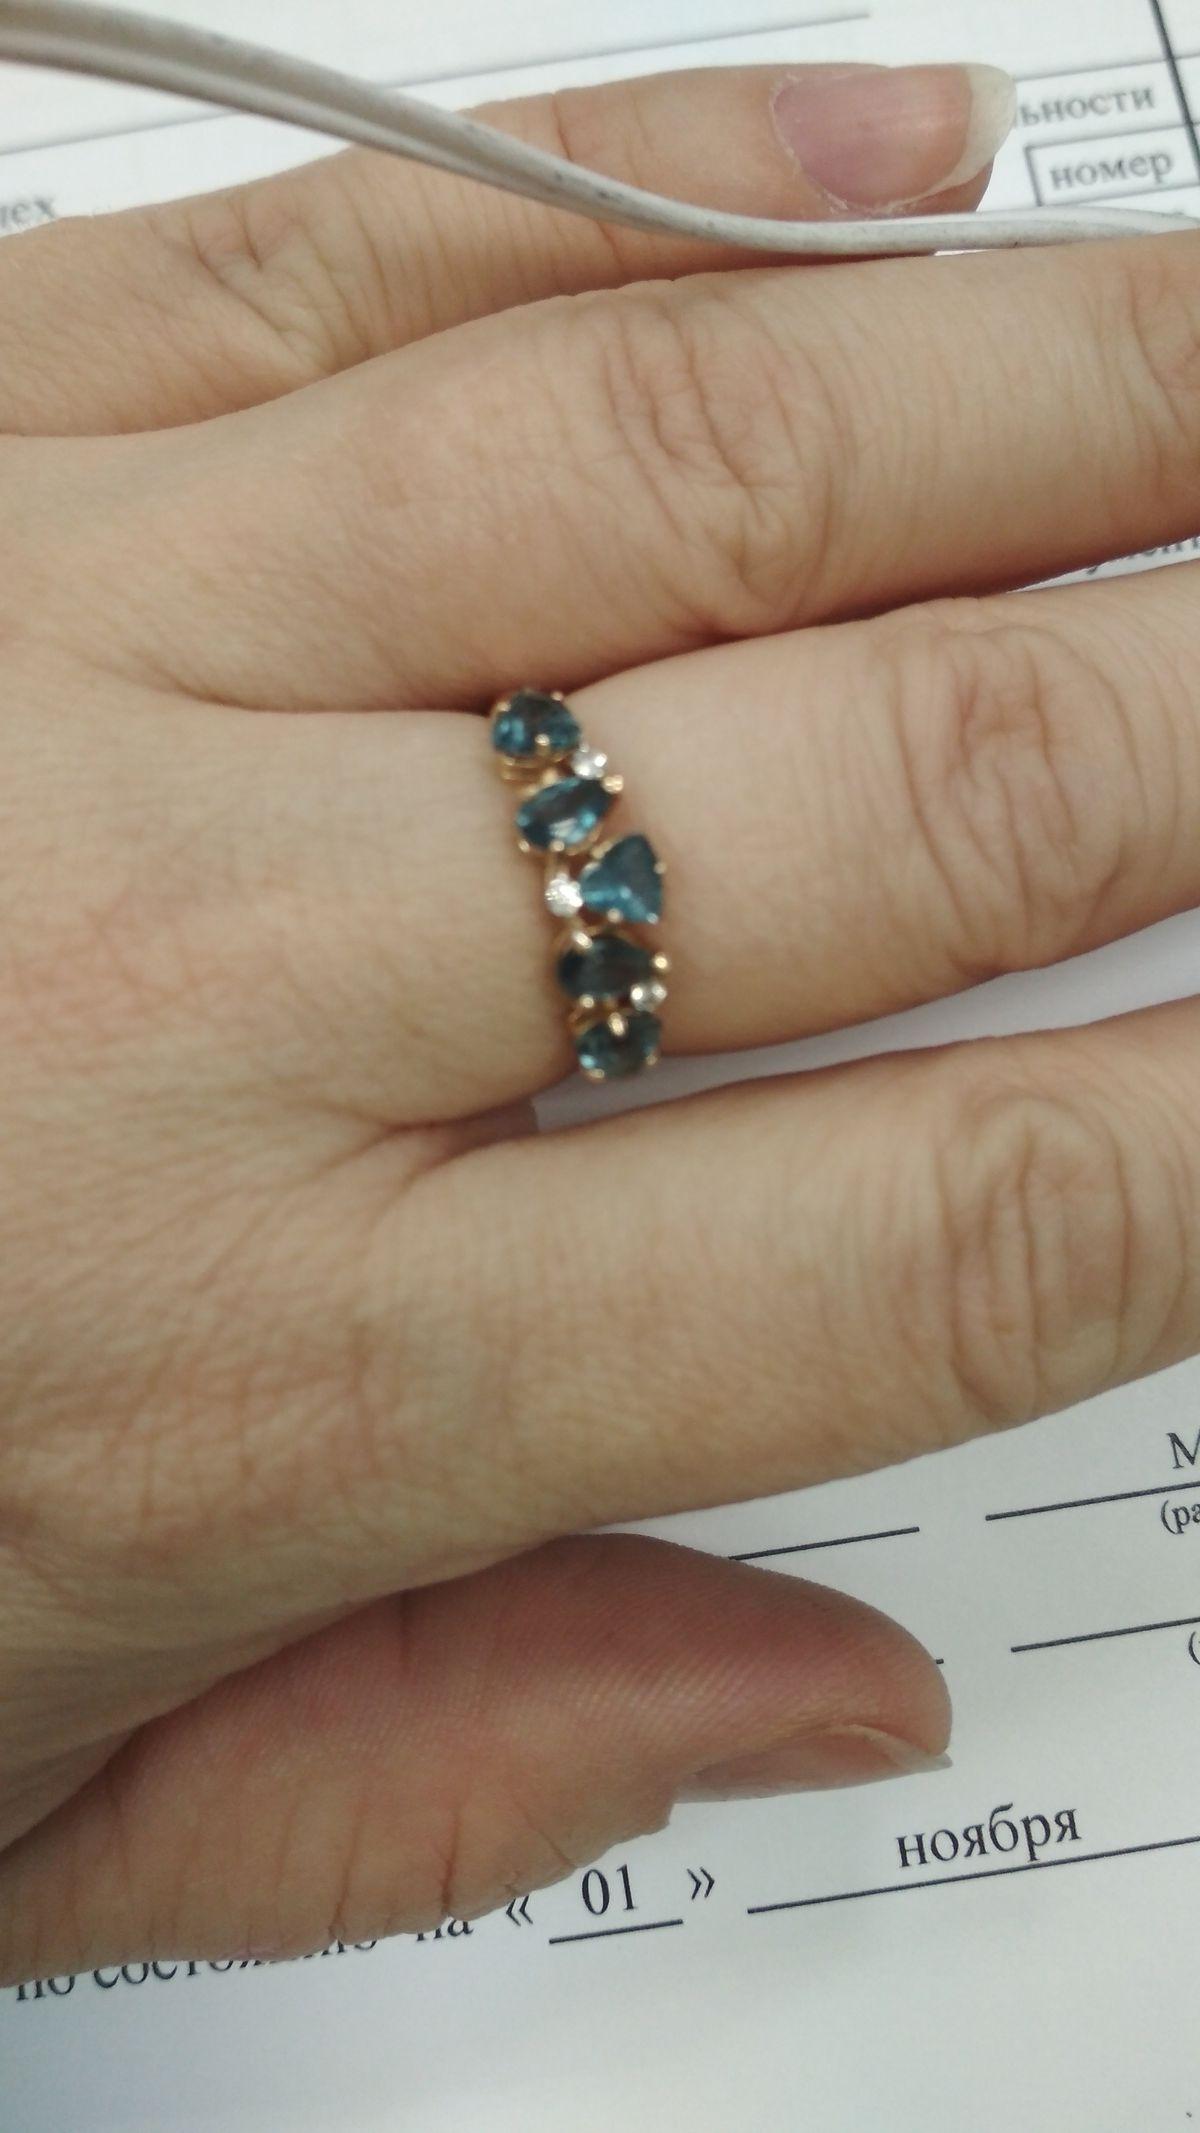 Замечательное кольцо!!!!!